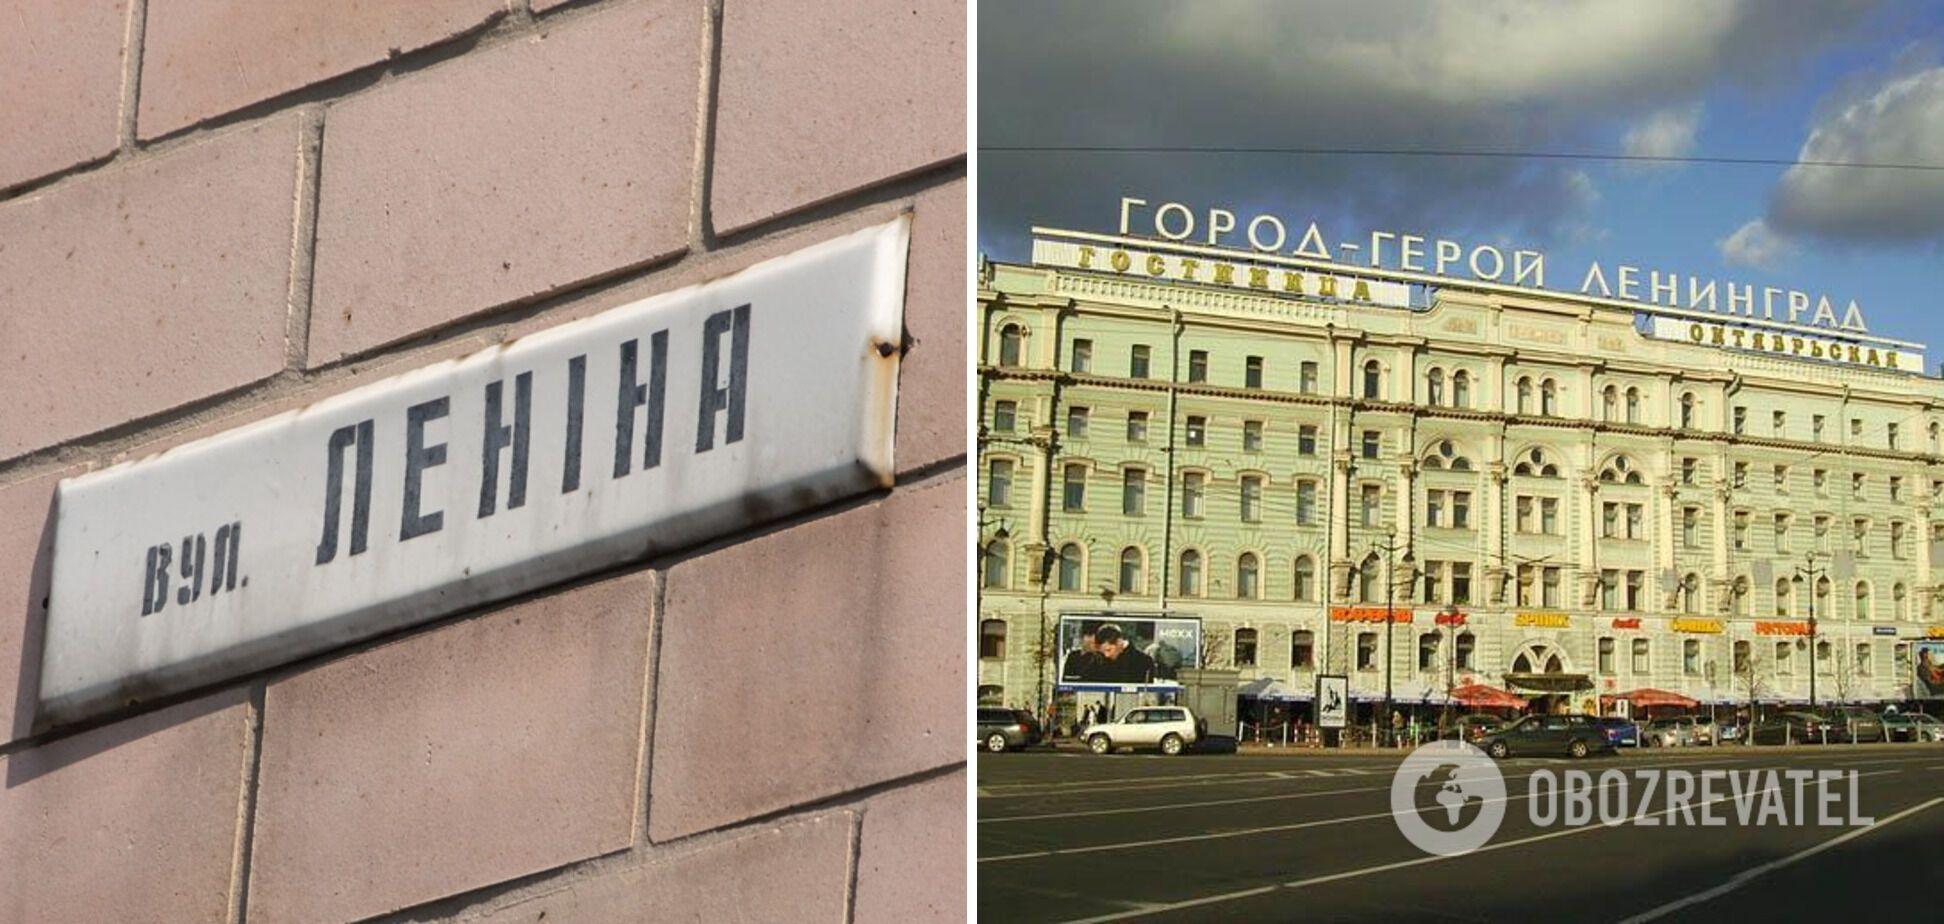 Міста і вулиці називали на честь правителів